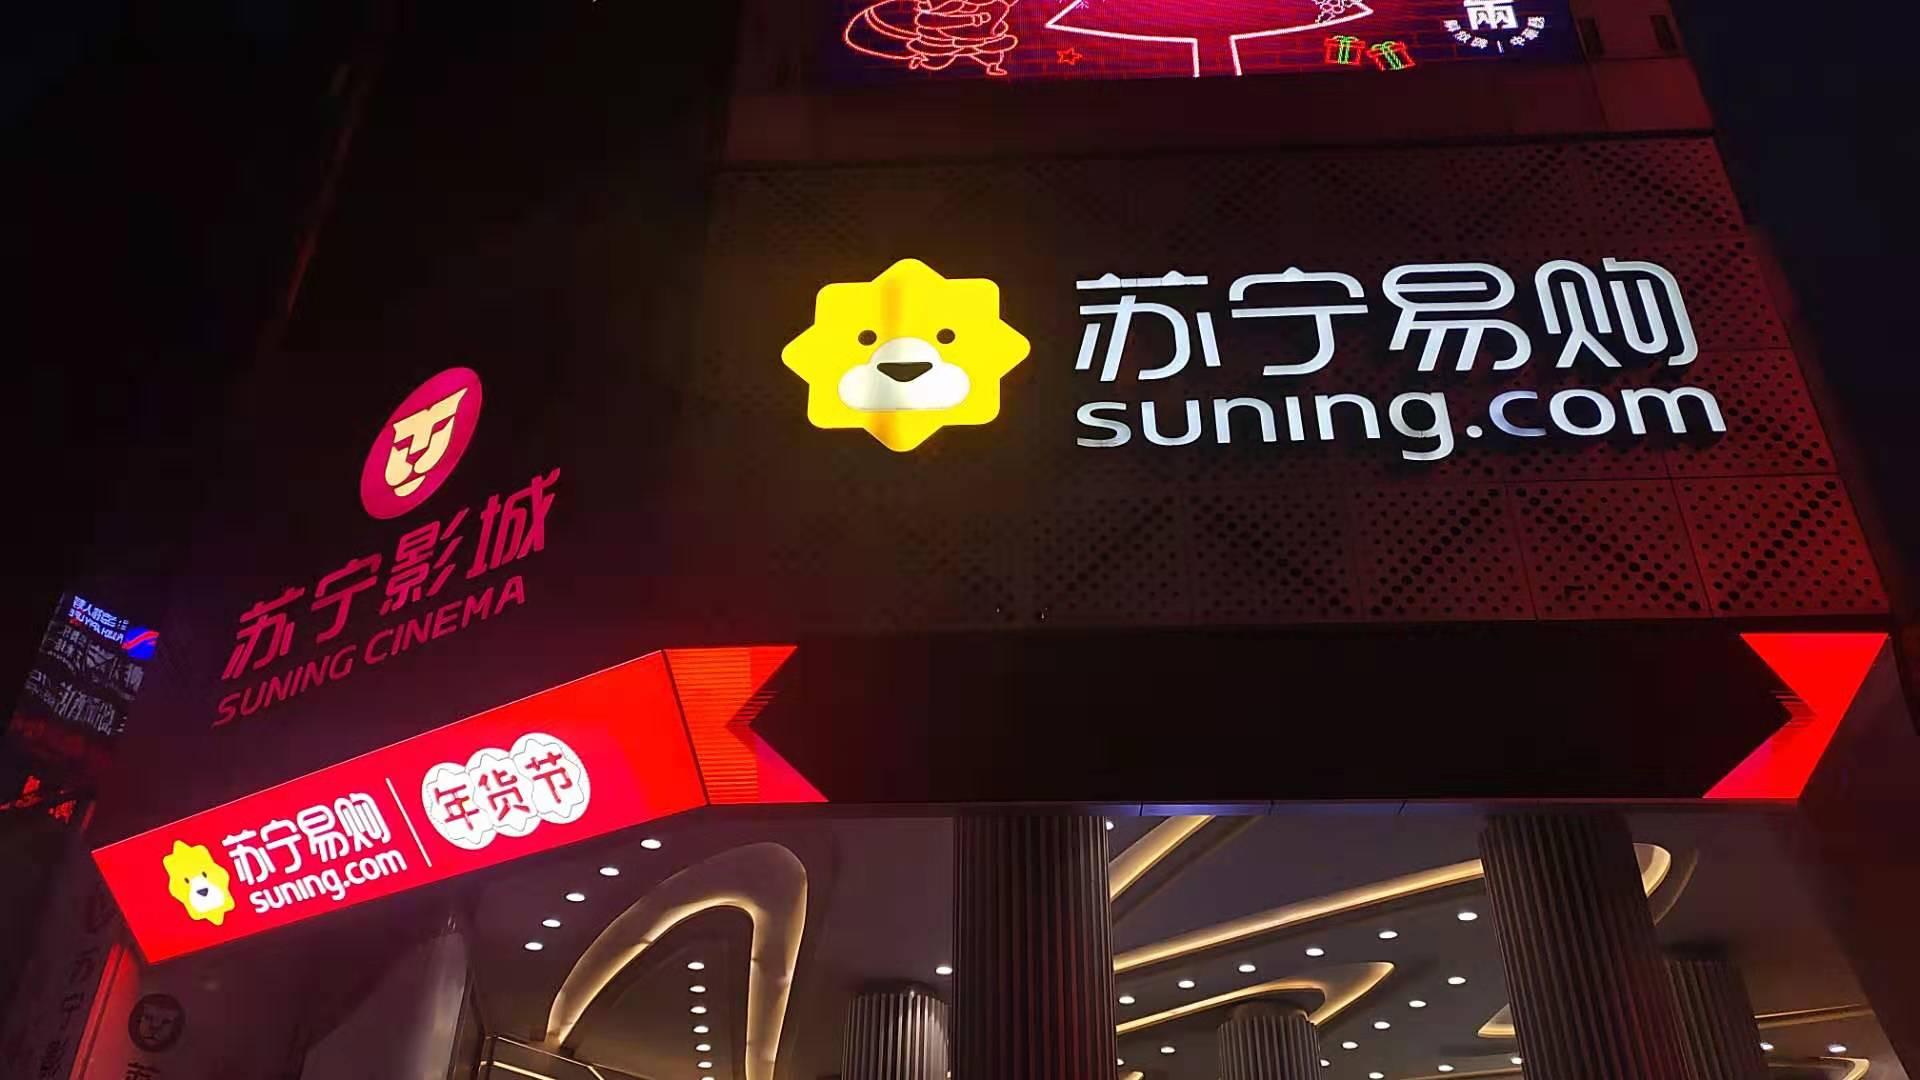 苏宁影城国庆档战报:票房同比增长138%